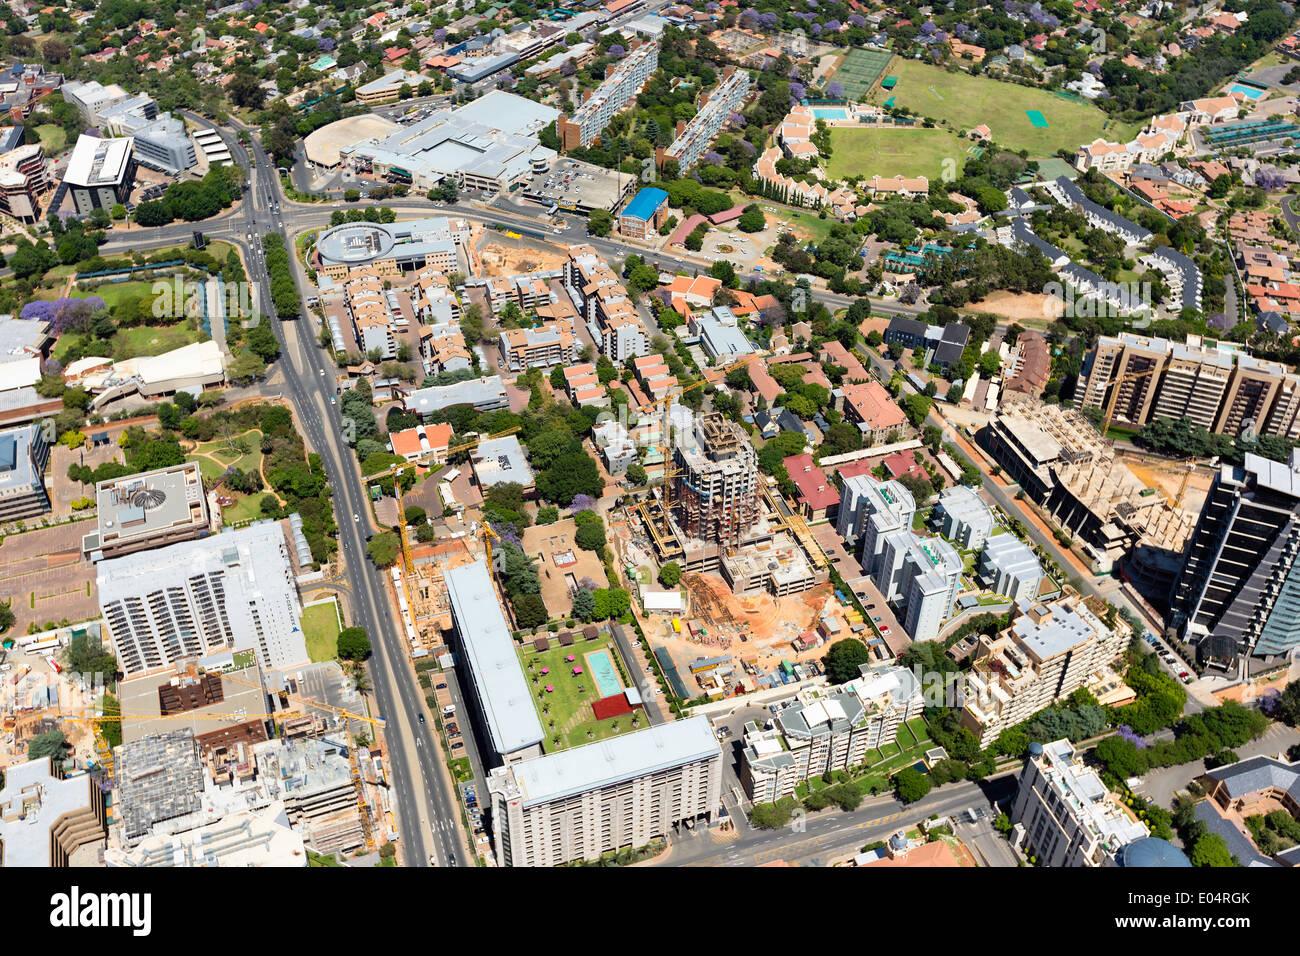 Luftaufnahme von Hochhäusern Sandton, Johannesburg, Südafrika. Stockbild